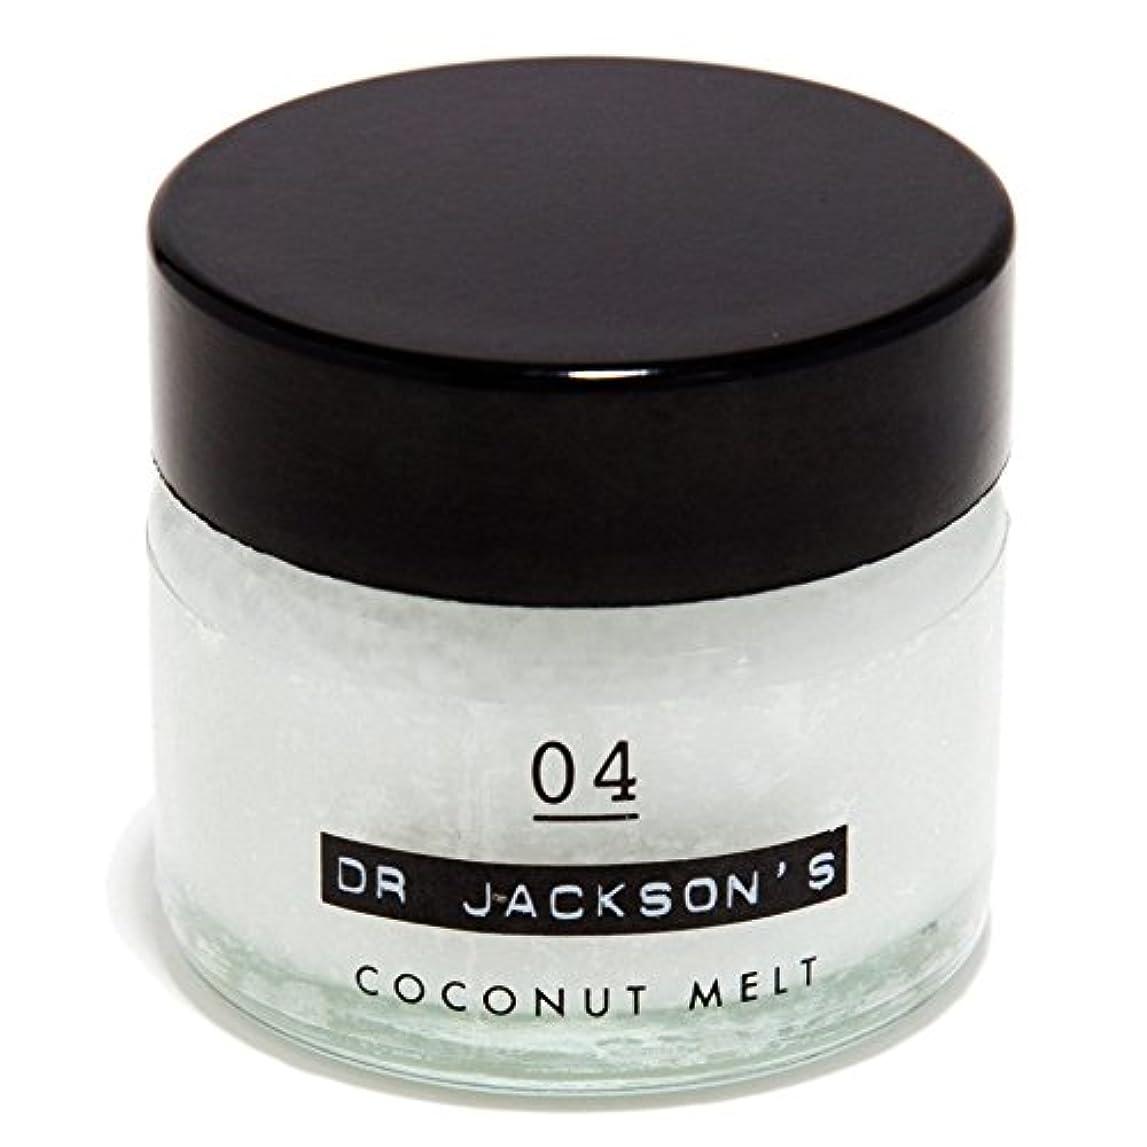 成長するたくさん傷つけるDr Jackson's 04 Coconut Melt 15ml - ジャクソンの04ココナッツメルト15ミリリットル [並行輸入品]